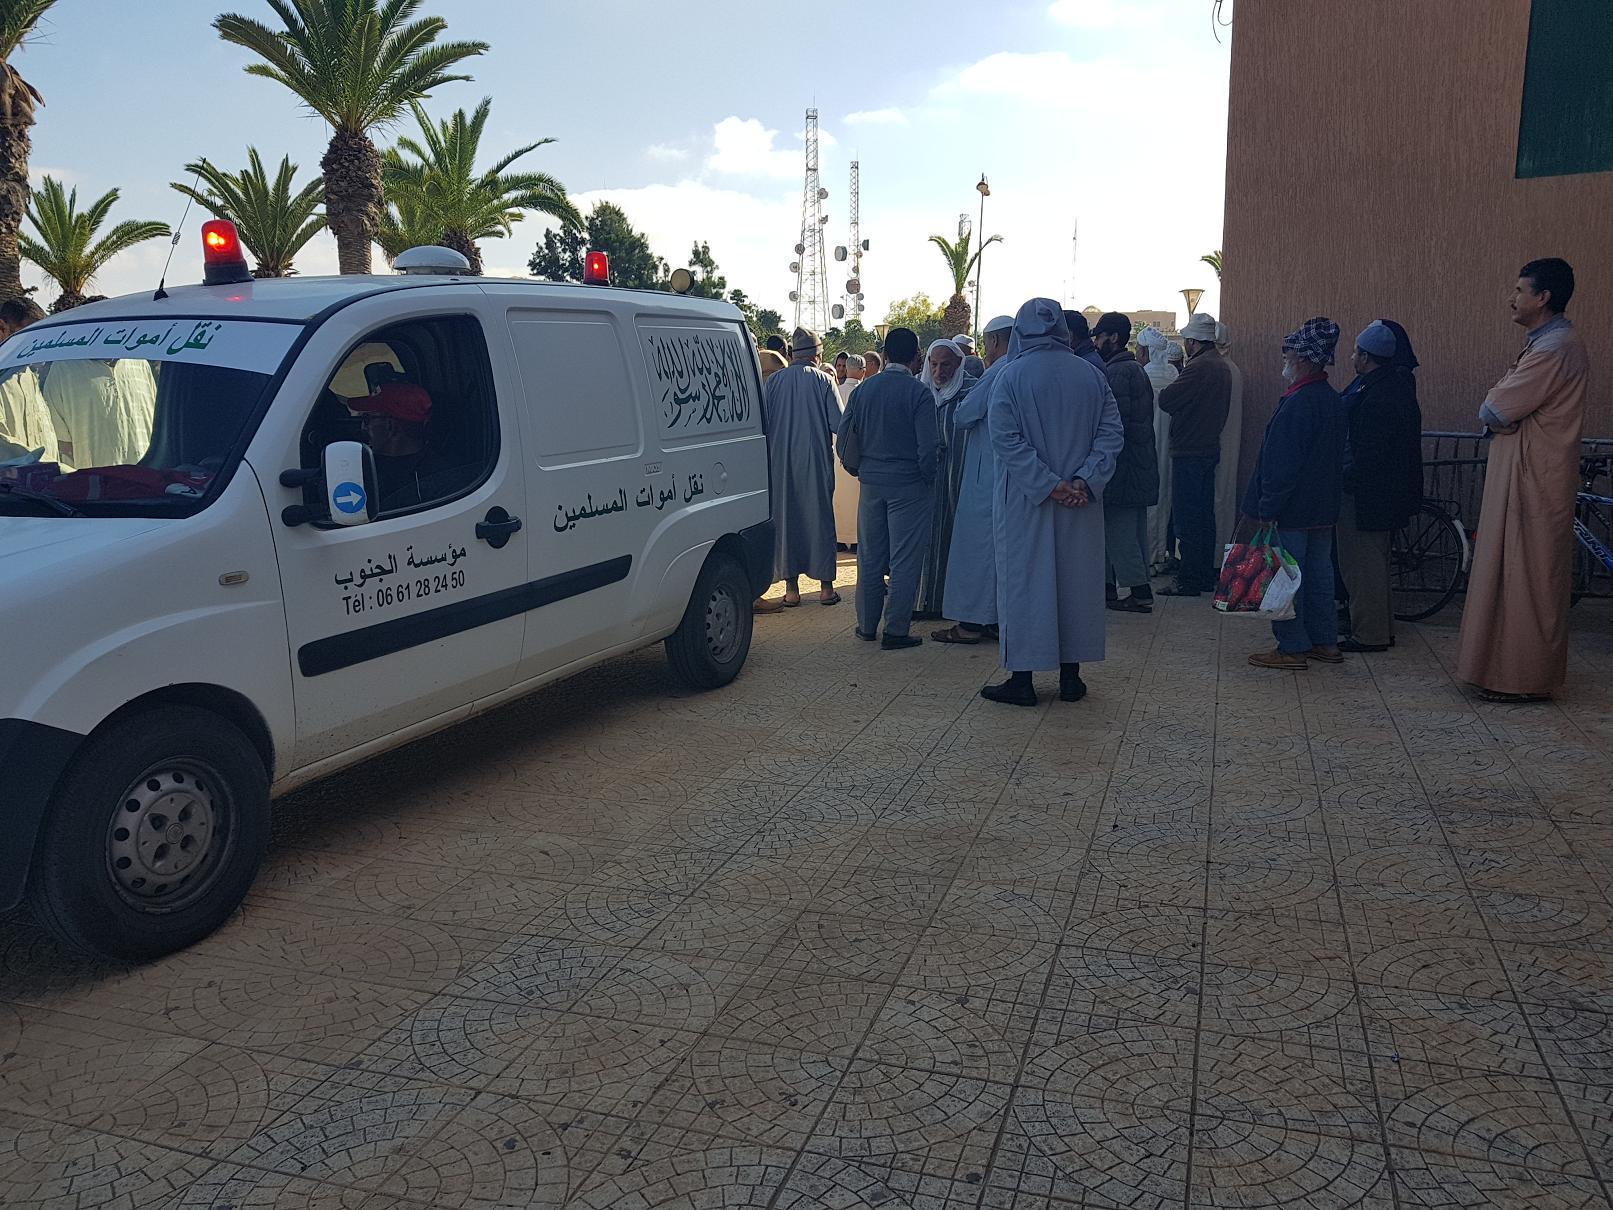 فيديو : جنازة الحاج بوجمعة بوتعلي المؤدن السابق لمسجد السنة